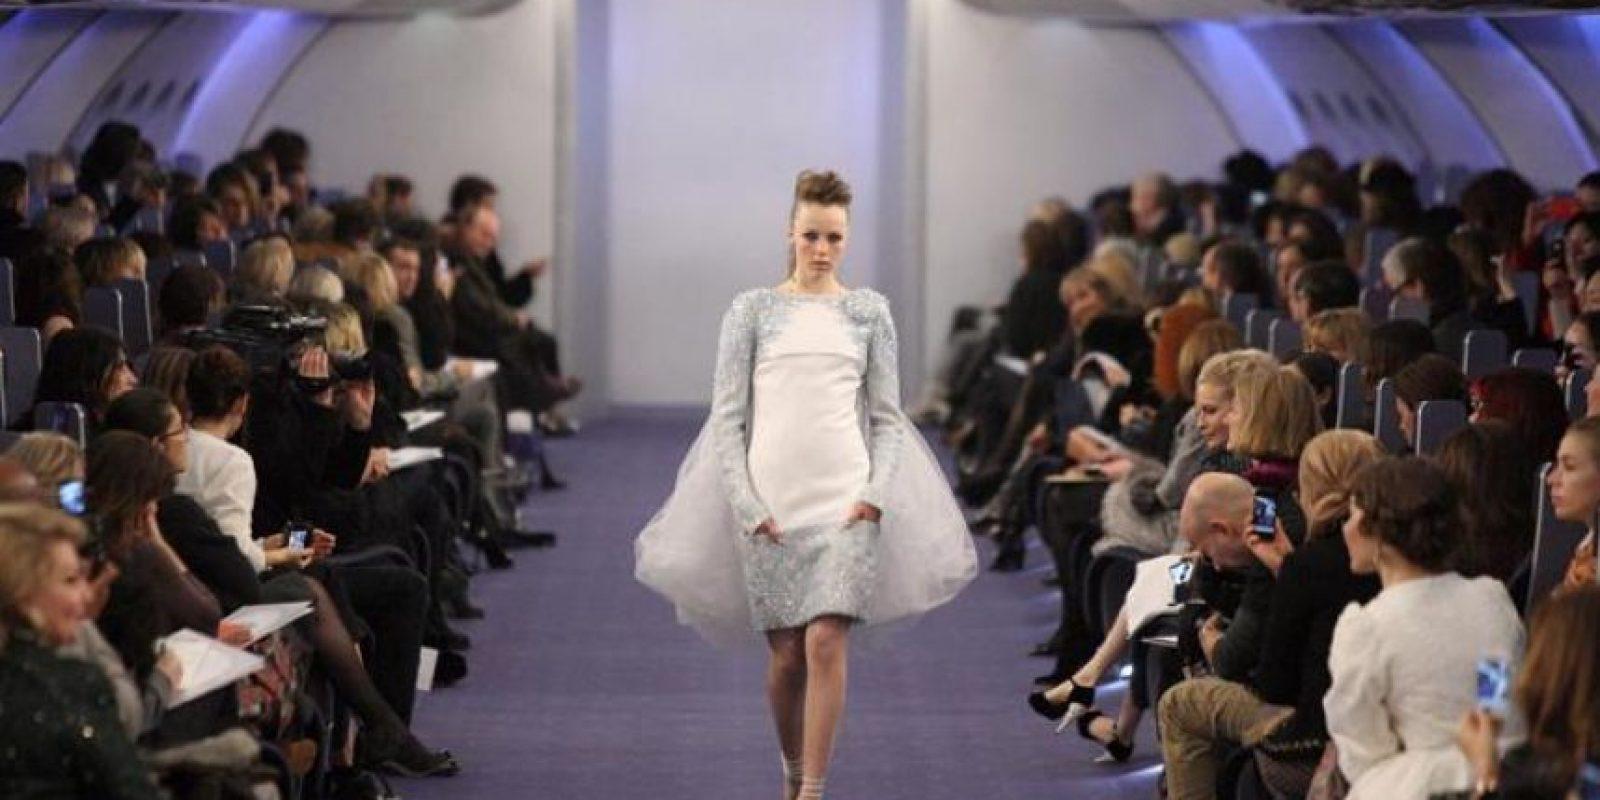 Una modelo presenta una creación del diseñador alemán Karl Lagerfeld para Chanel durante un desfile celebrado en el ámbito de la Semana de la Alta Costura para la primavera-verano de 2012 de París (Francia). Foto:EFE